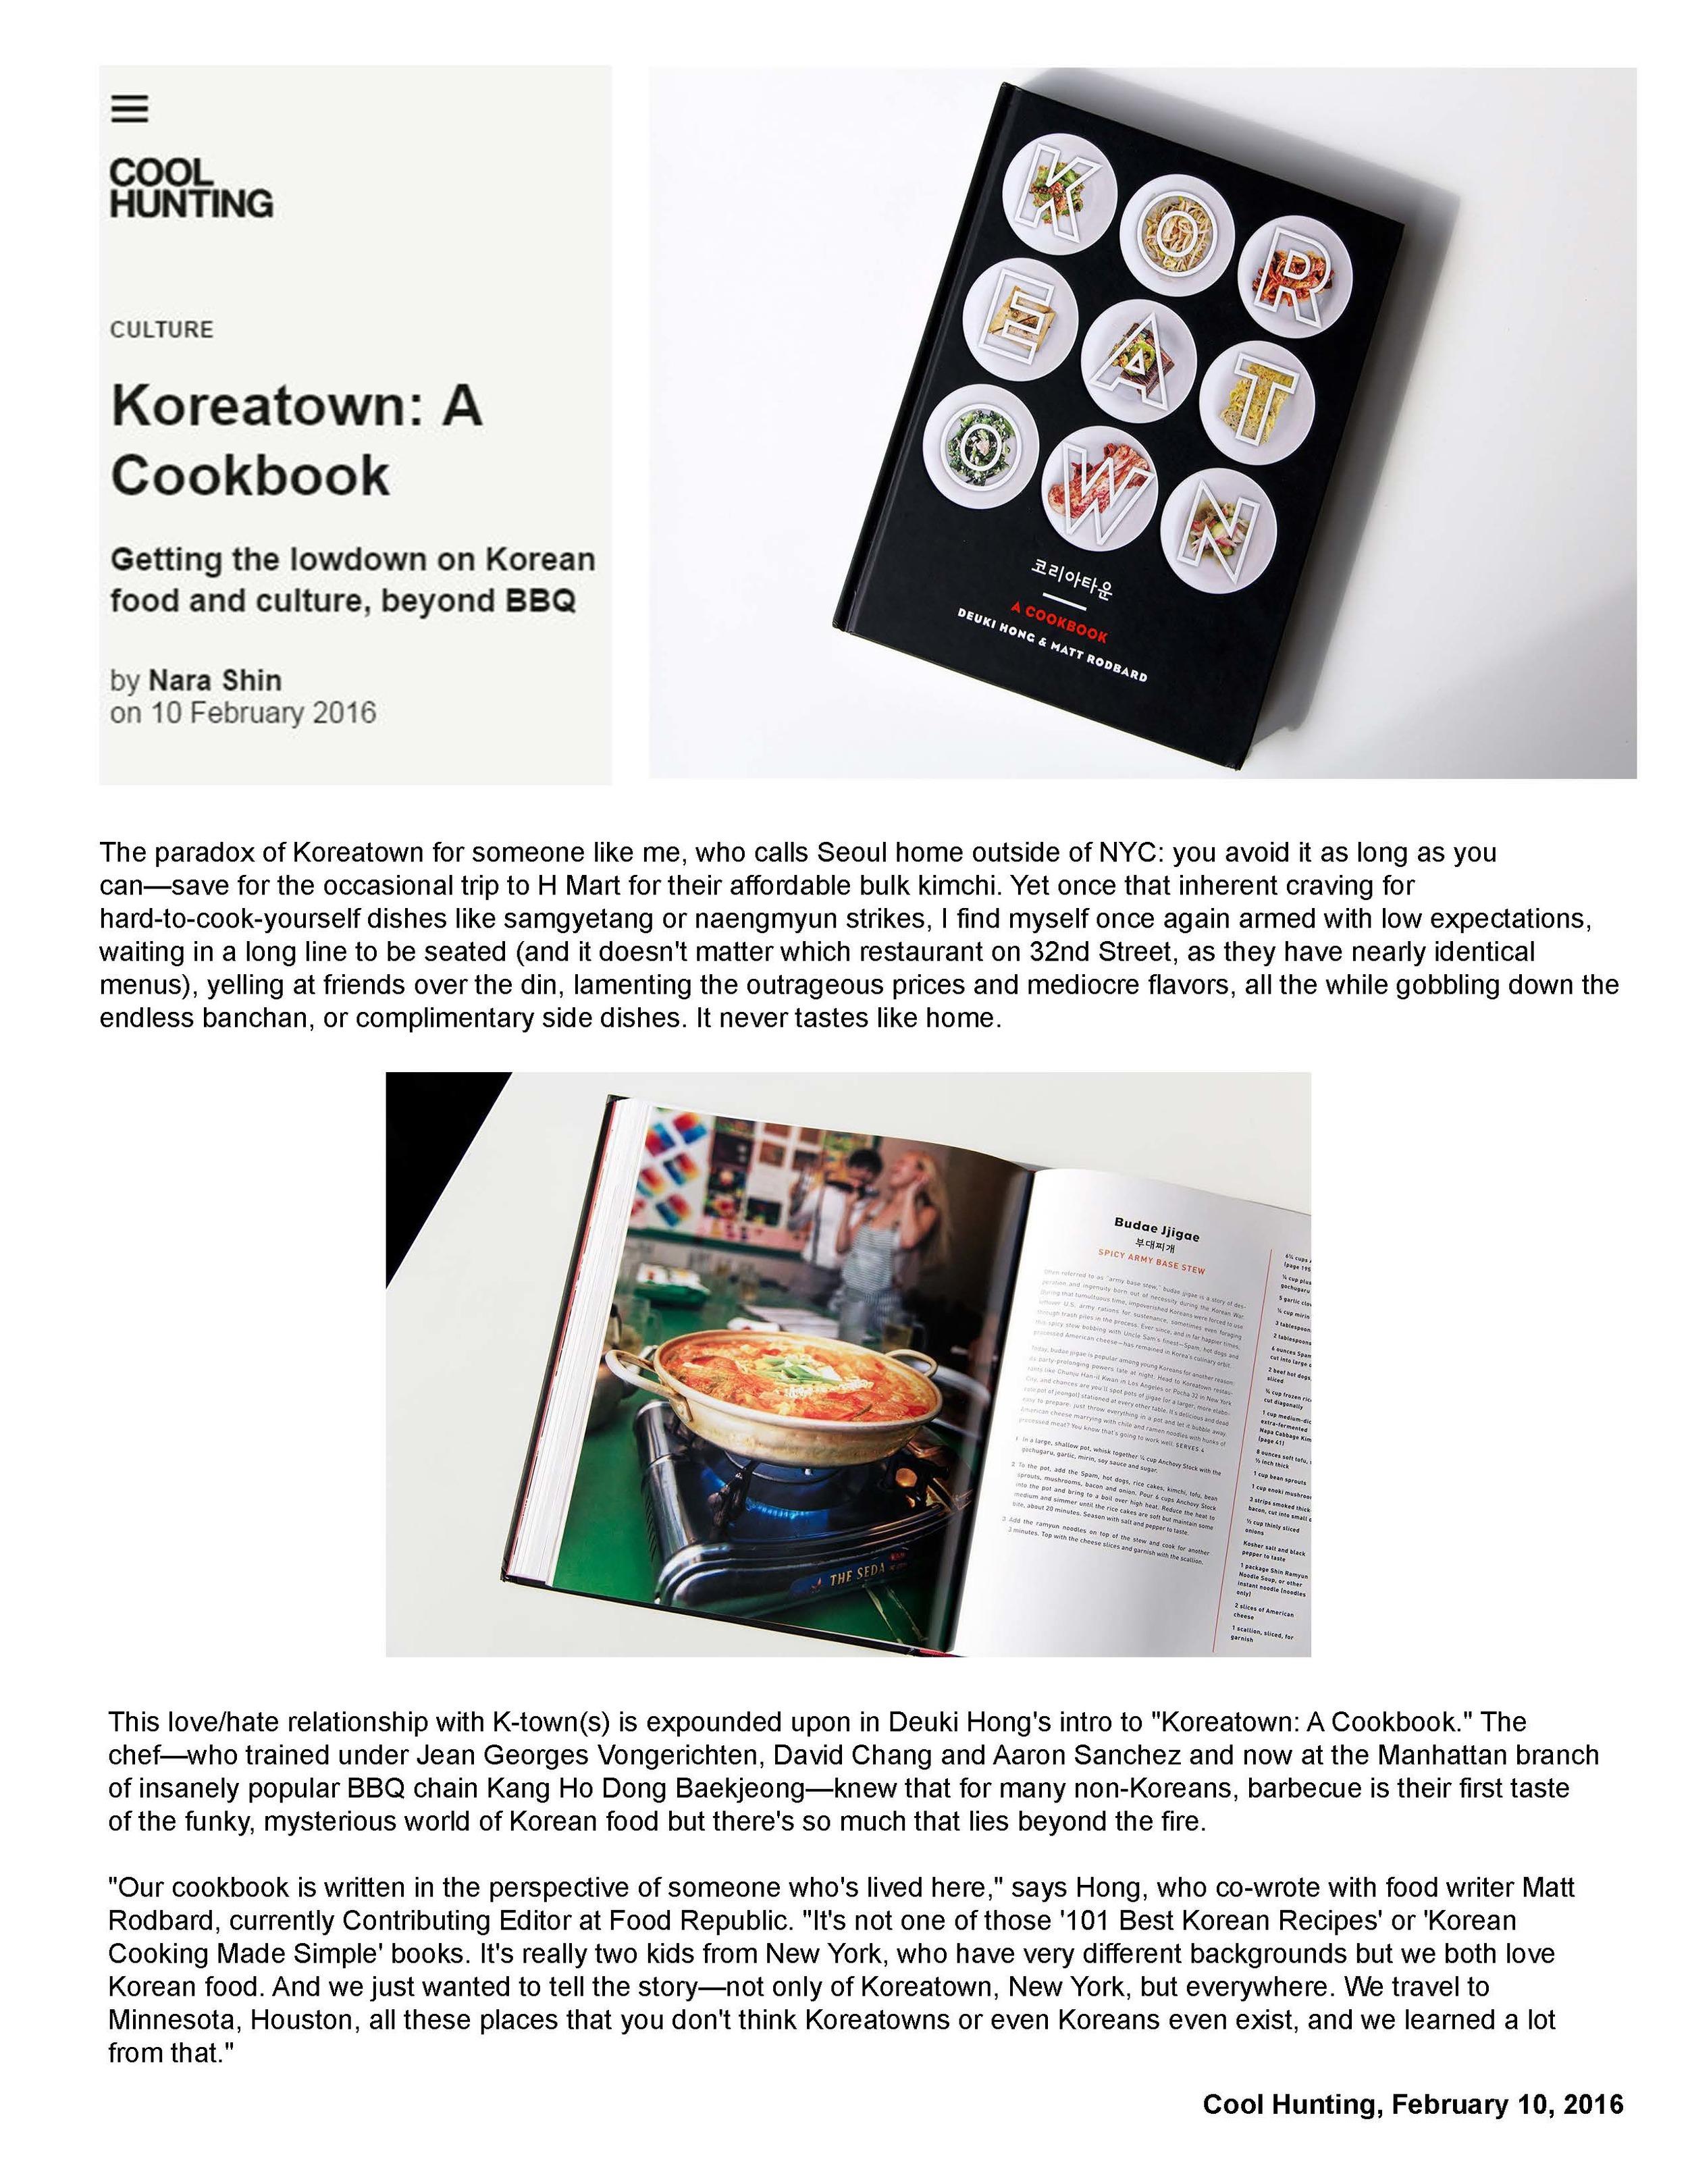 WEBSITE_Cool Hunting_Koreatown_Feb 10 2016_page 1.jpg